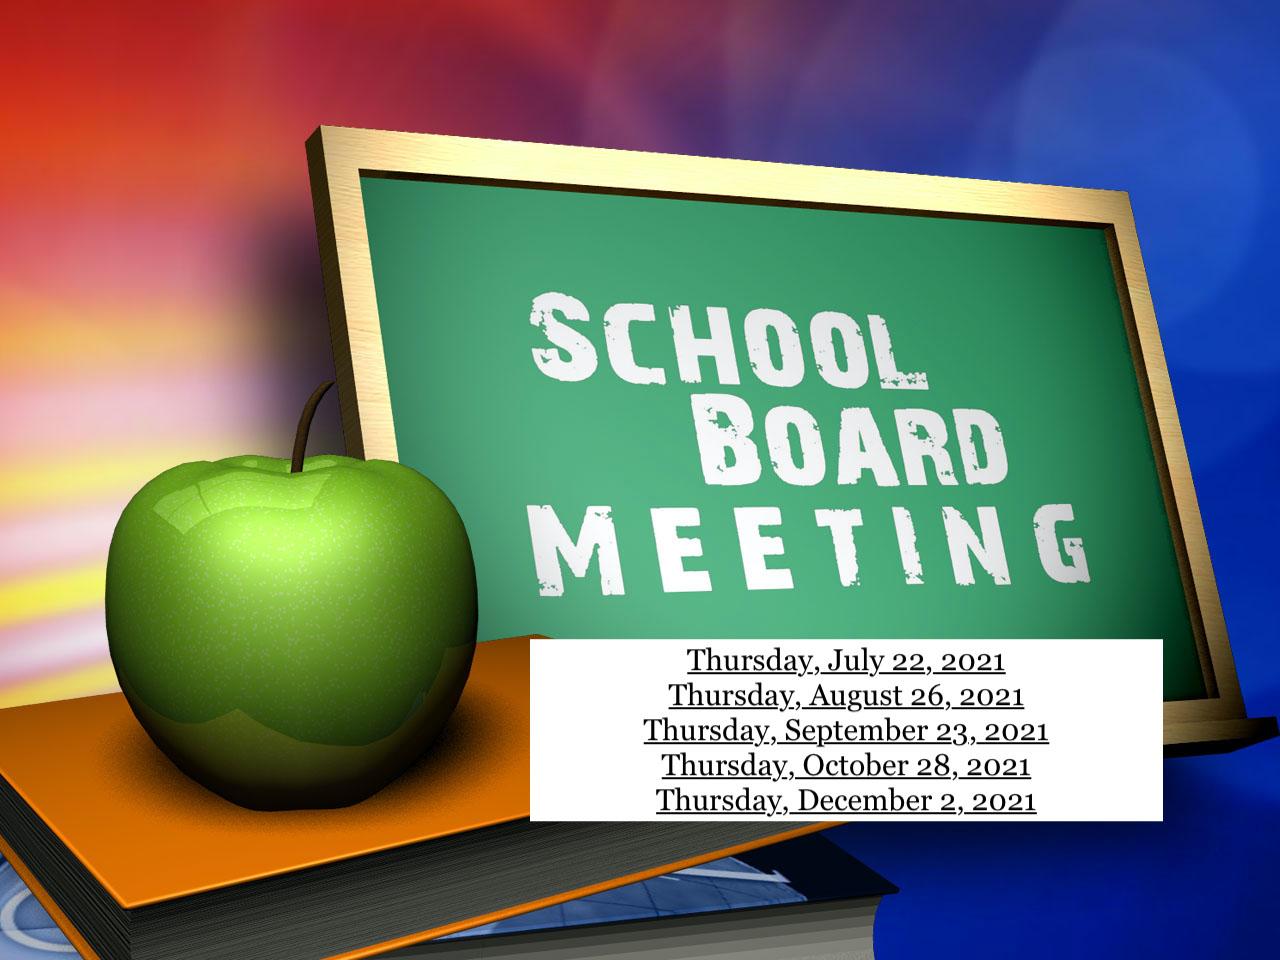 School Board Meetings 2021